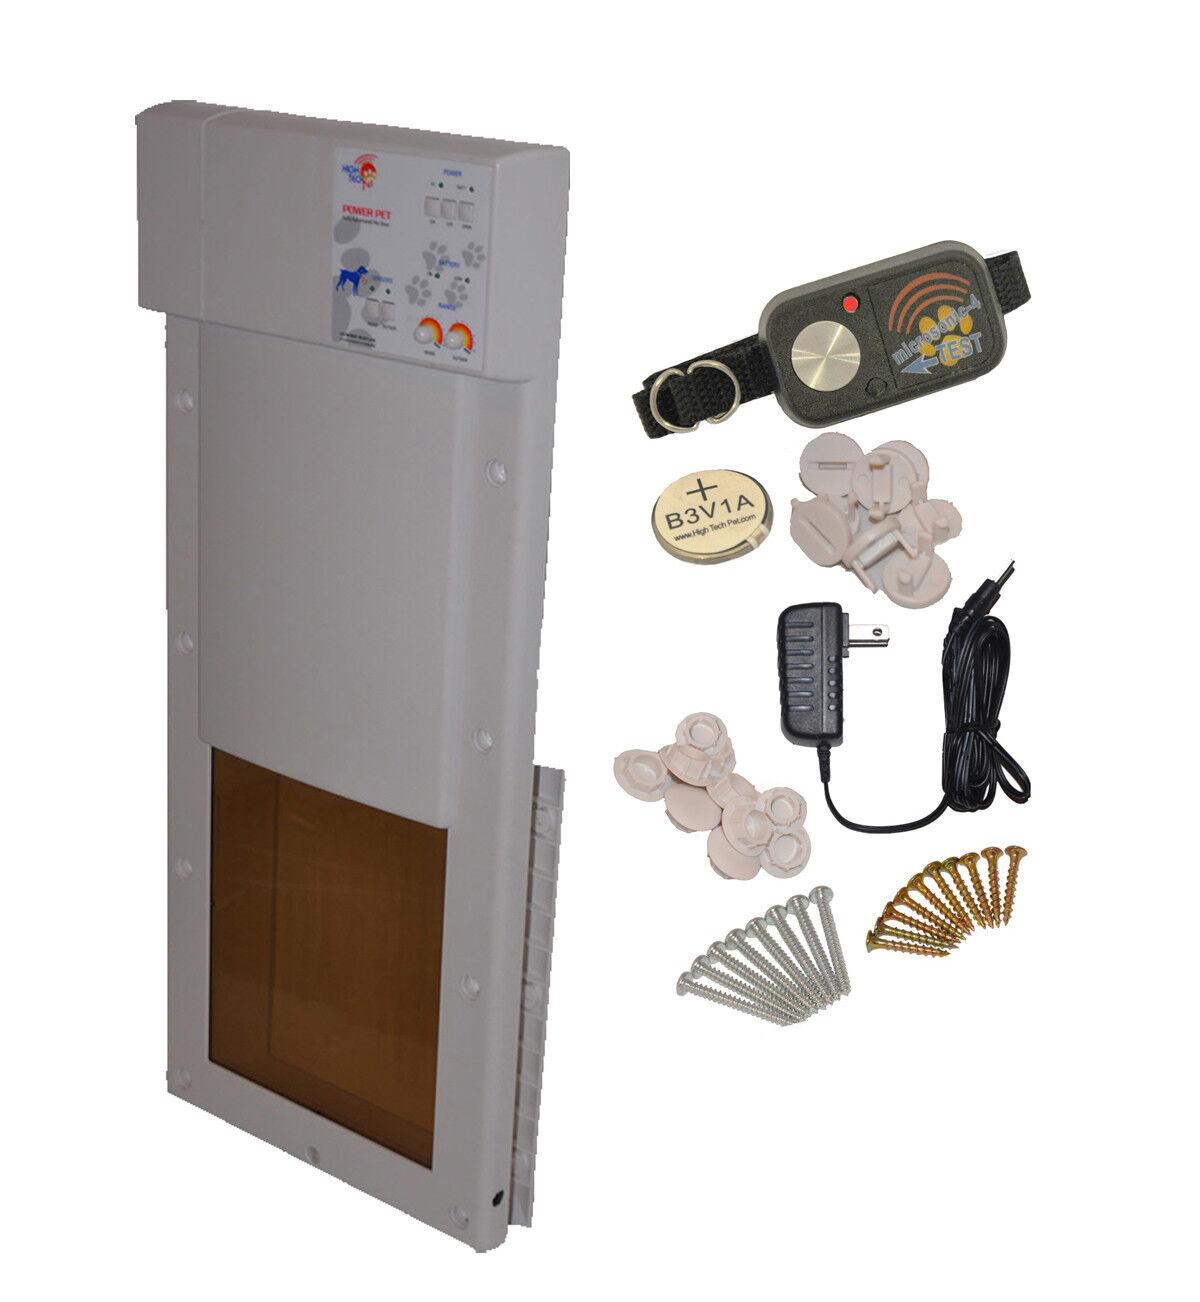 Px1 High Tech Pet Power Pet Automated Door Medium Electronic Sensor